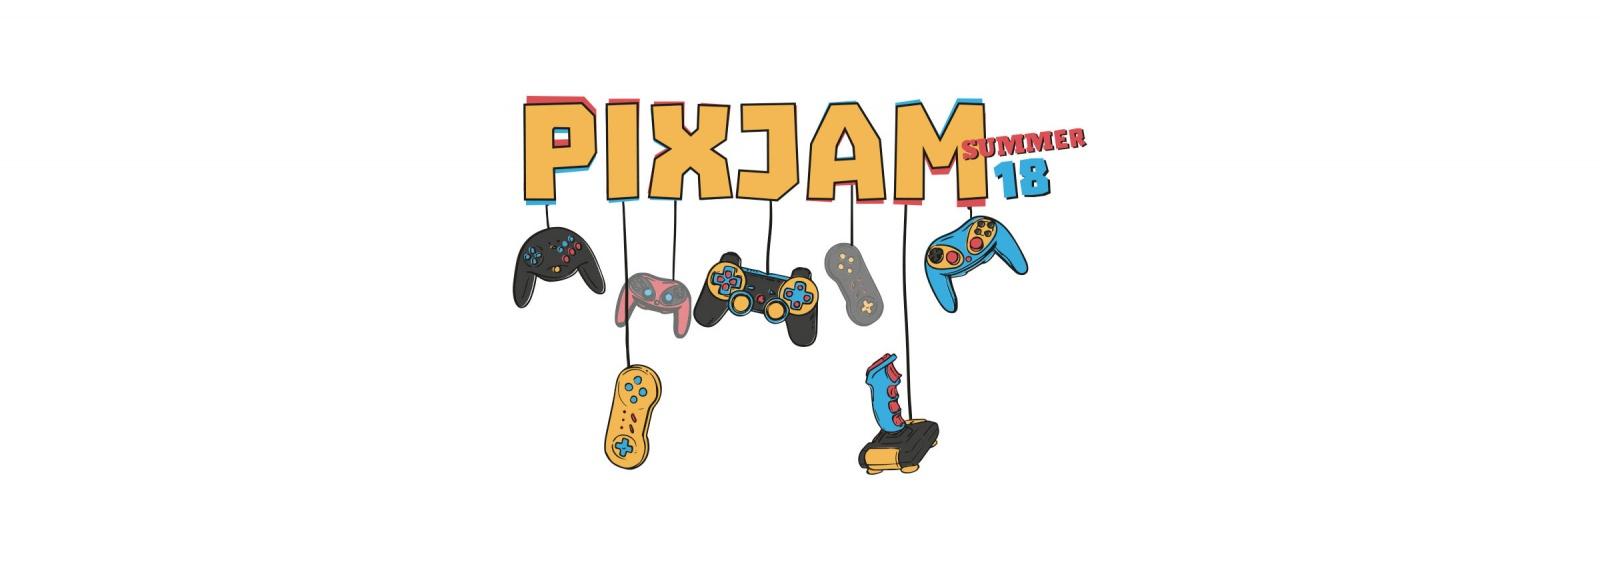 Второй PixJam внутри компании: новые концепты и работа над ошибками - 1